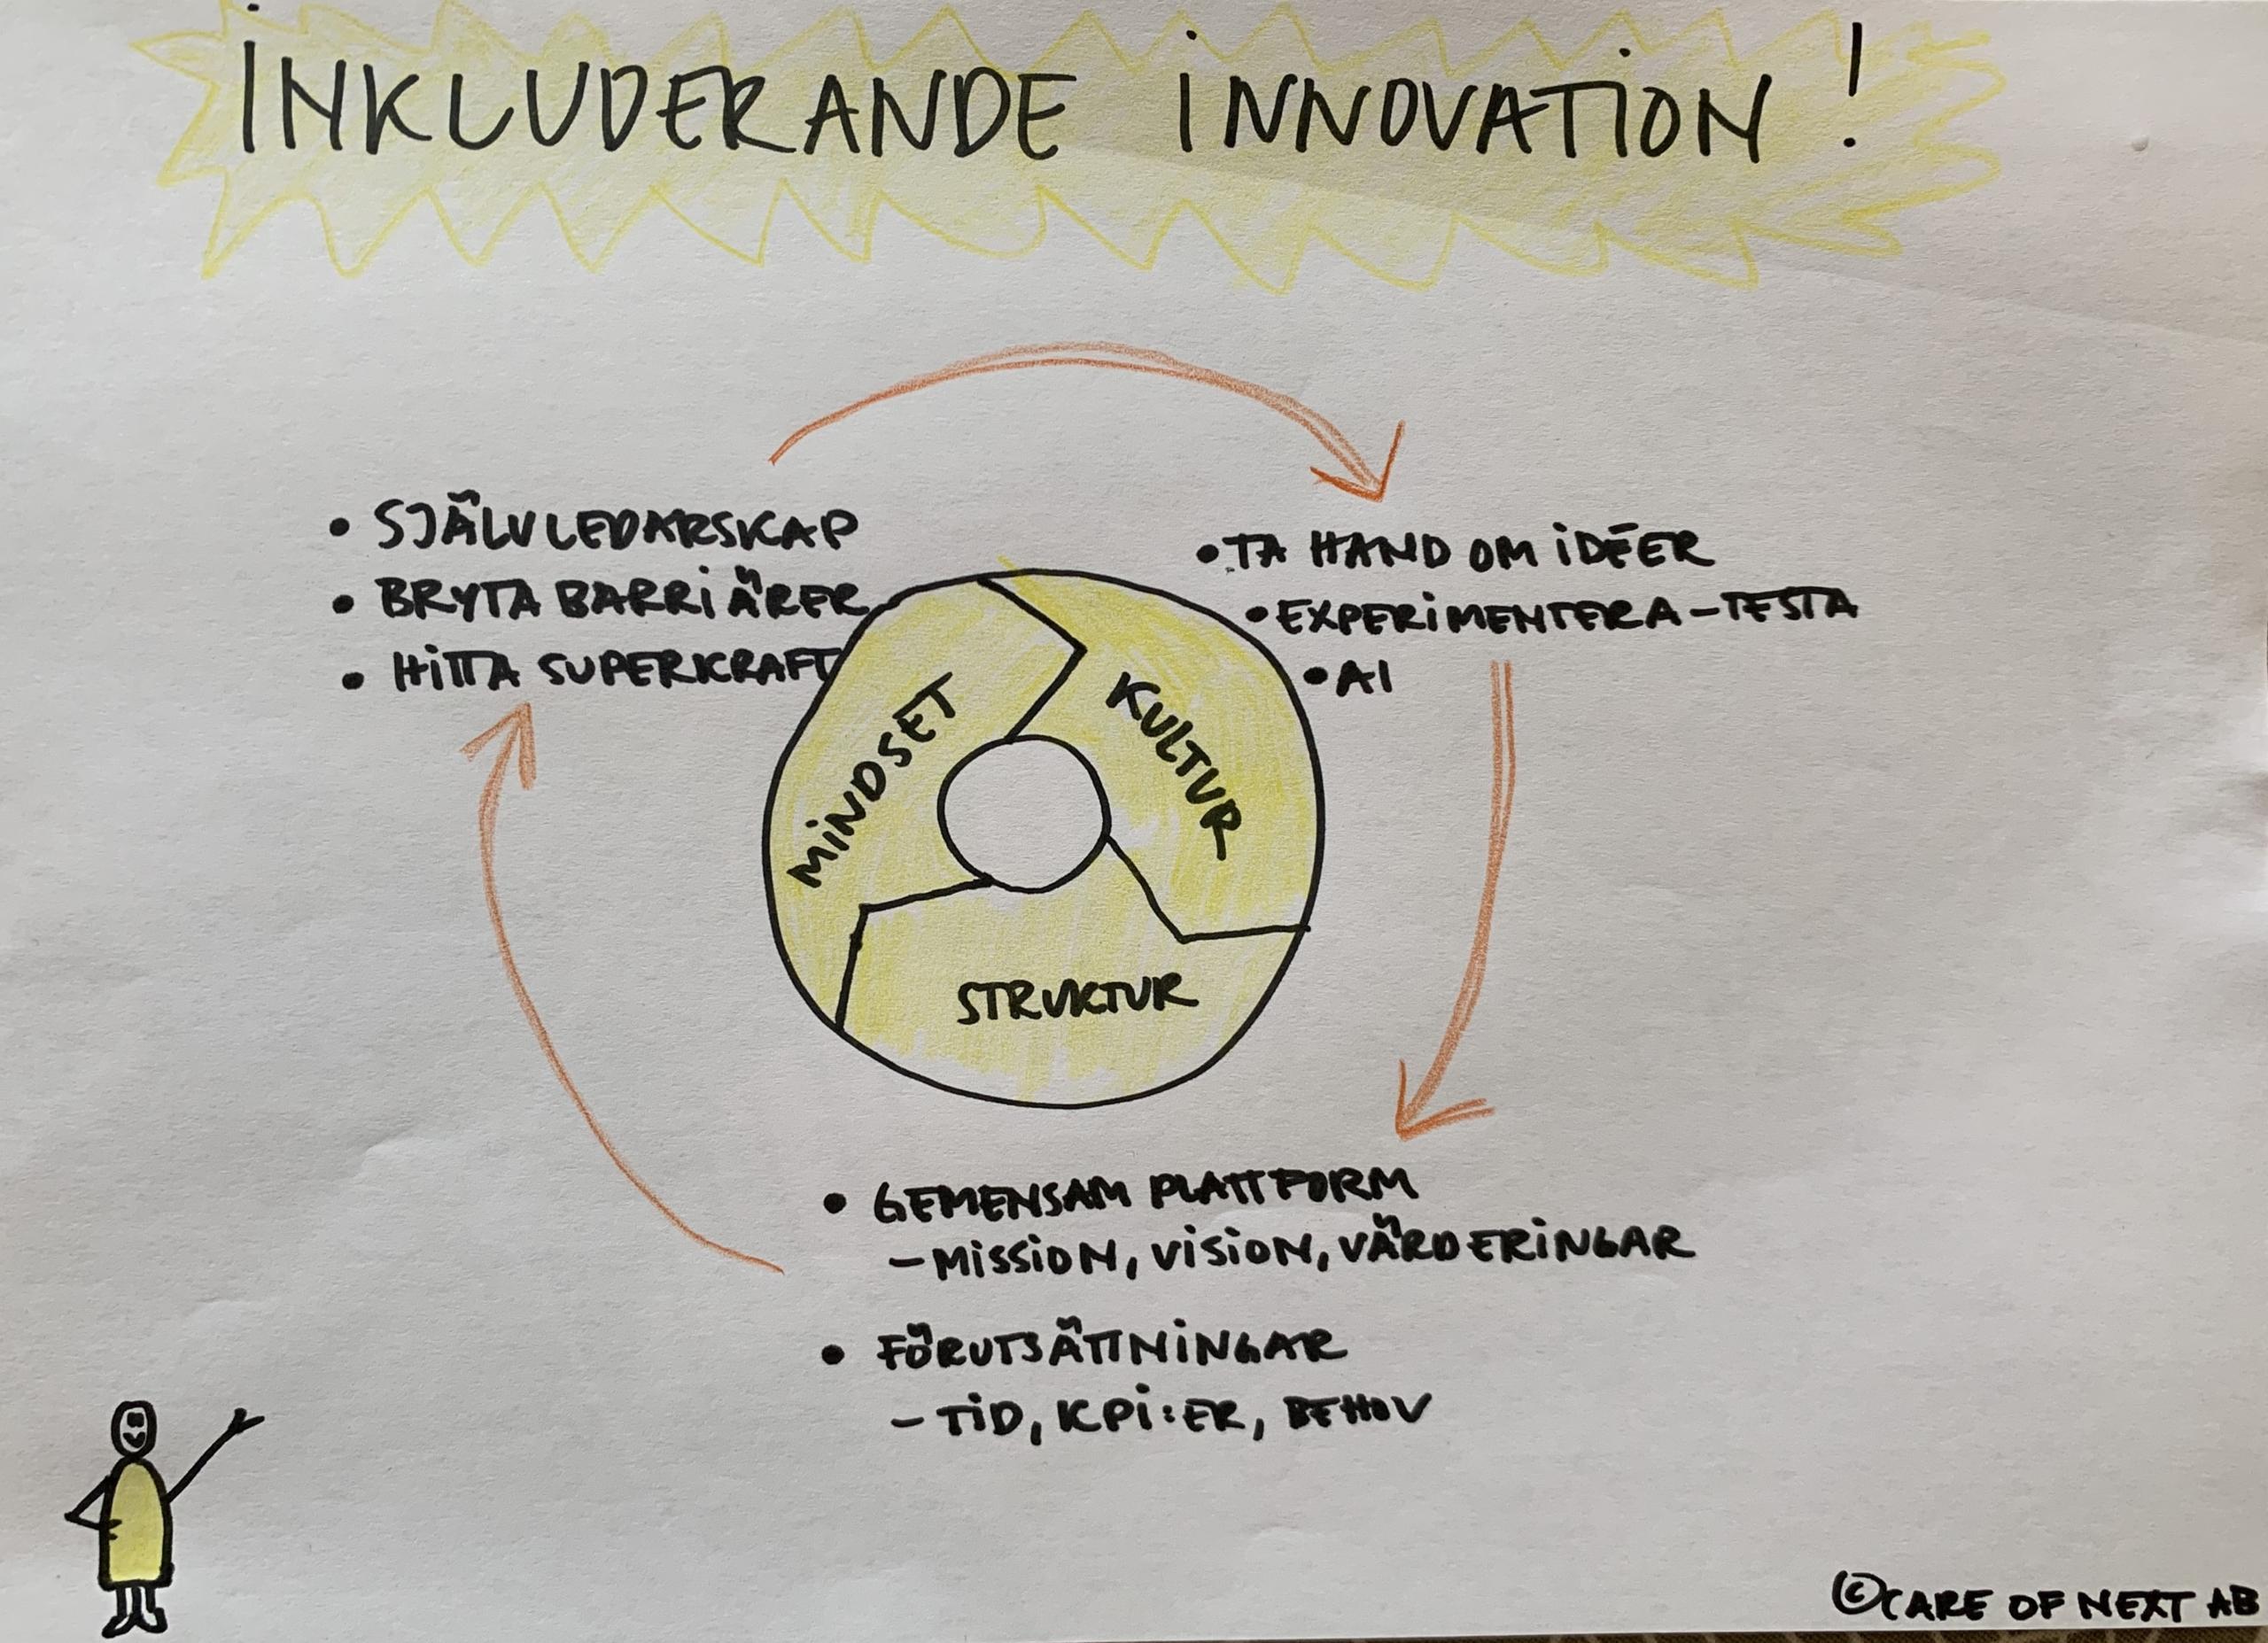 inkluderande innovation och vad det innebar